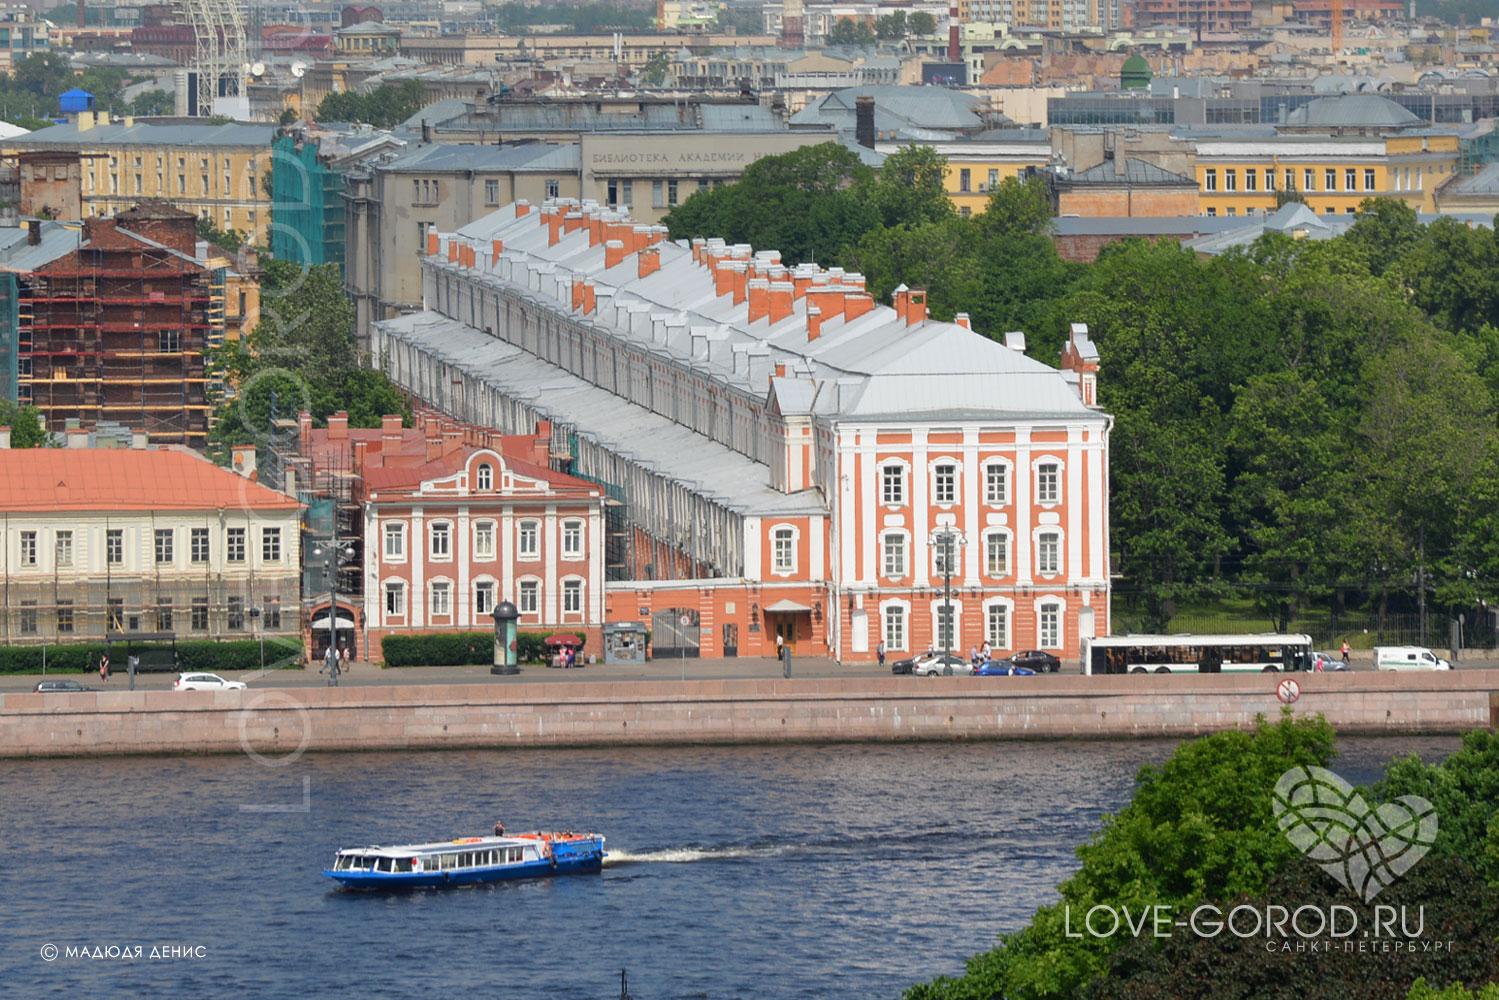 Здание Двенадцати коллегий (Санкт-Петербург)